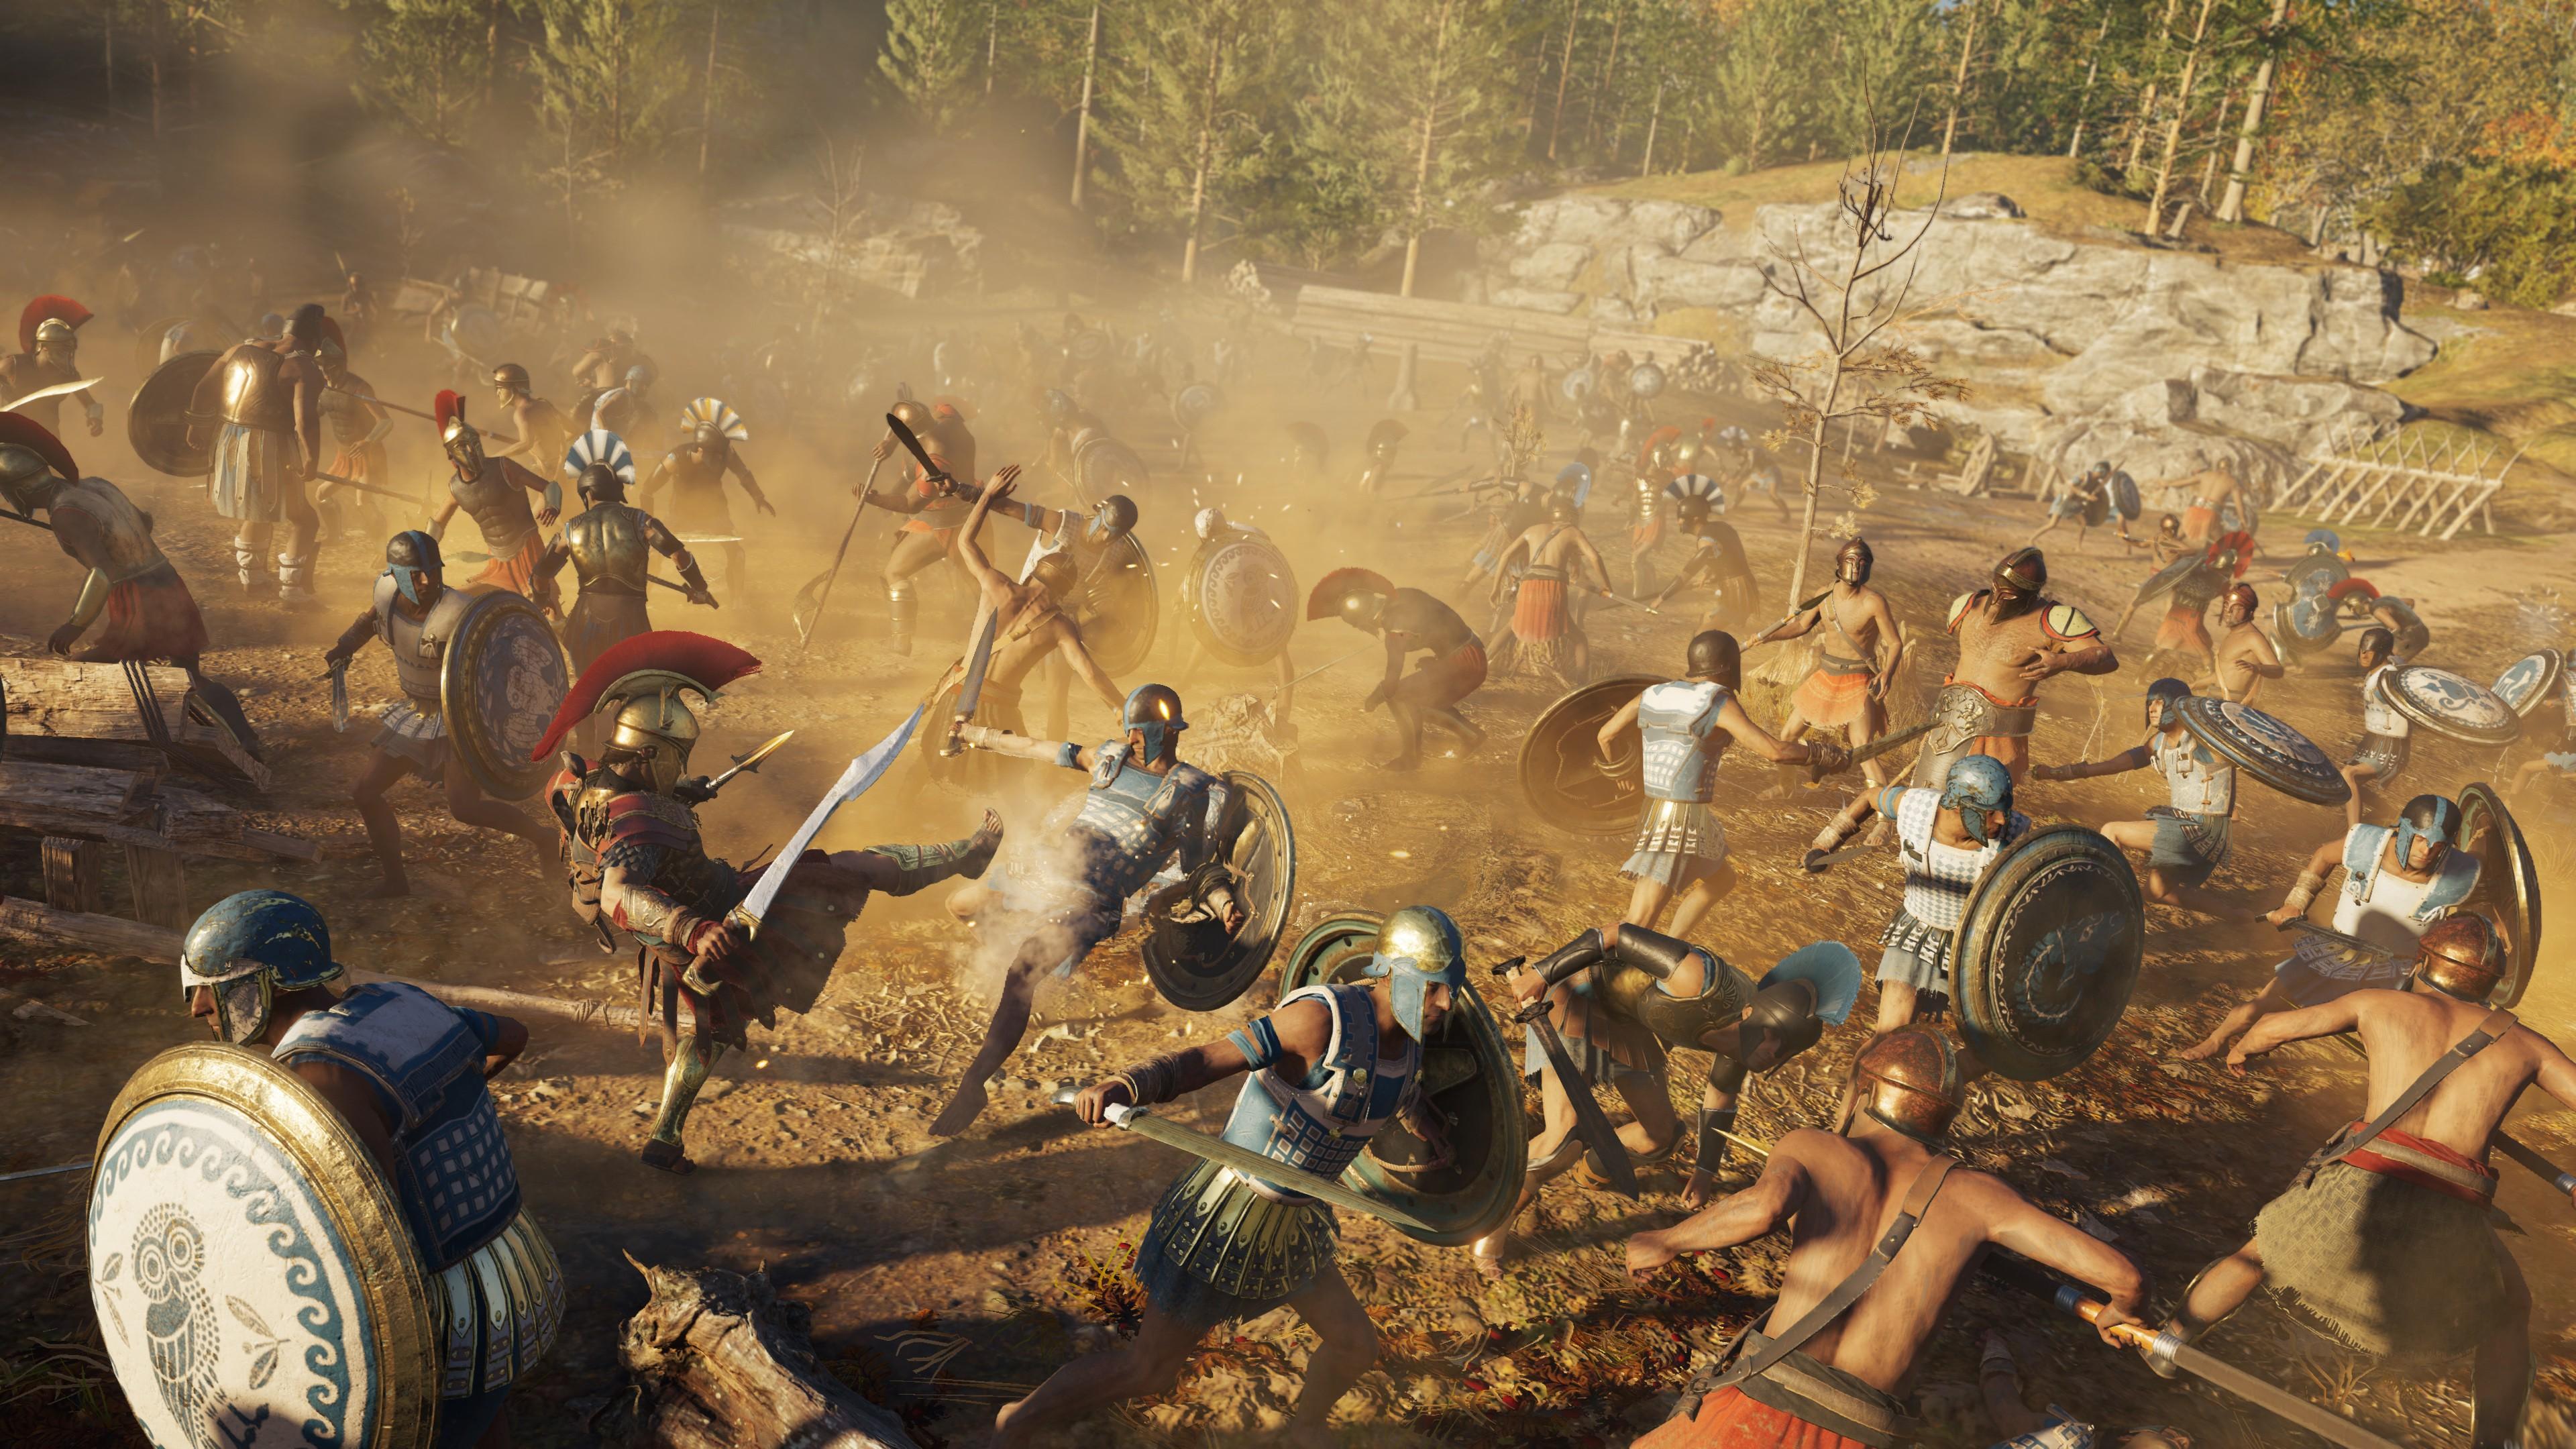 Assassin S Creed Odyssey 4k 8k Hd Wallpaper 5